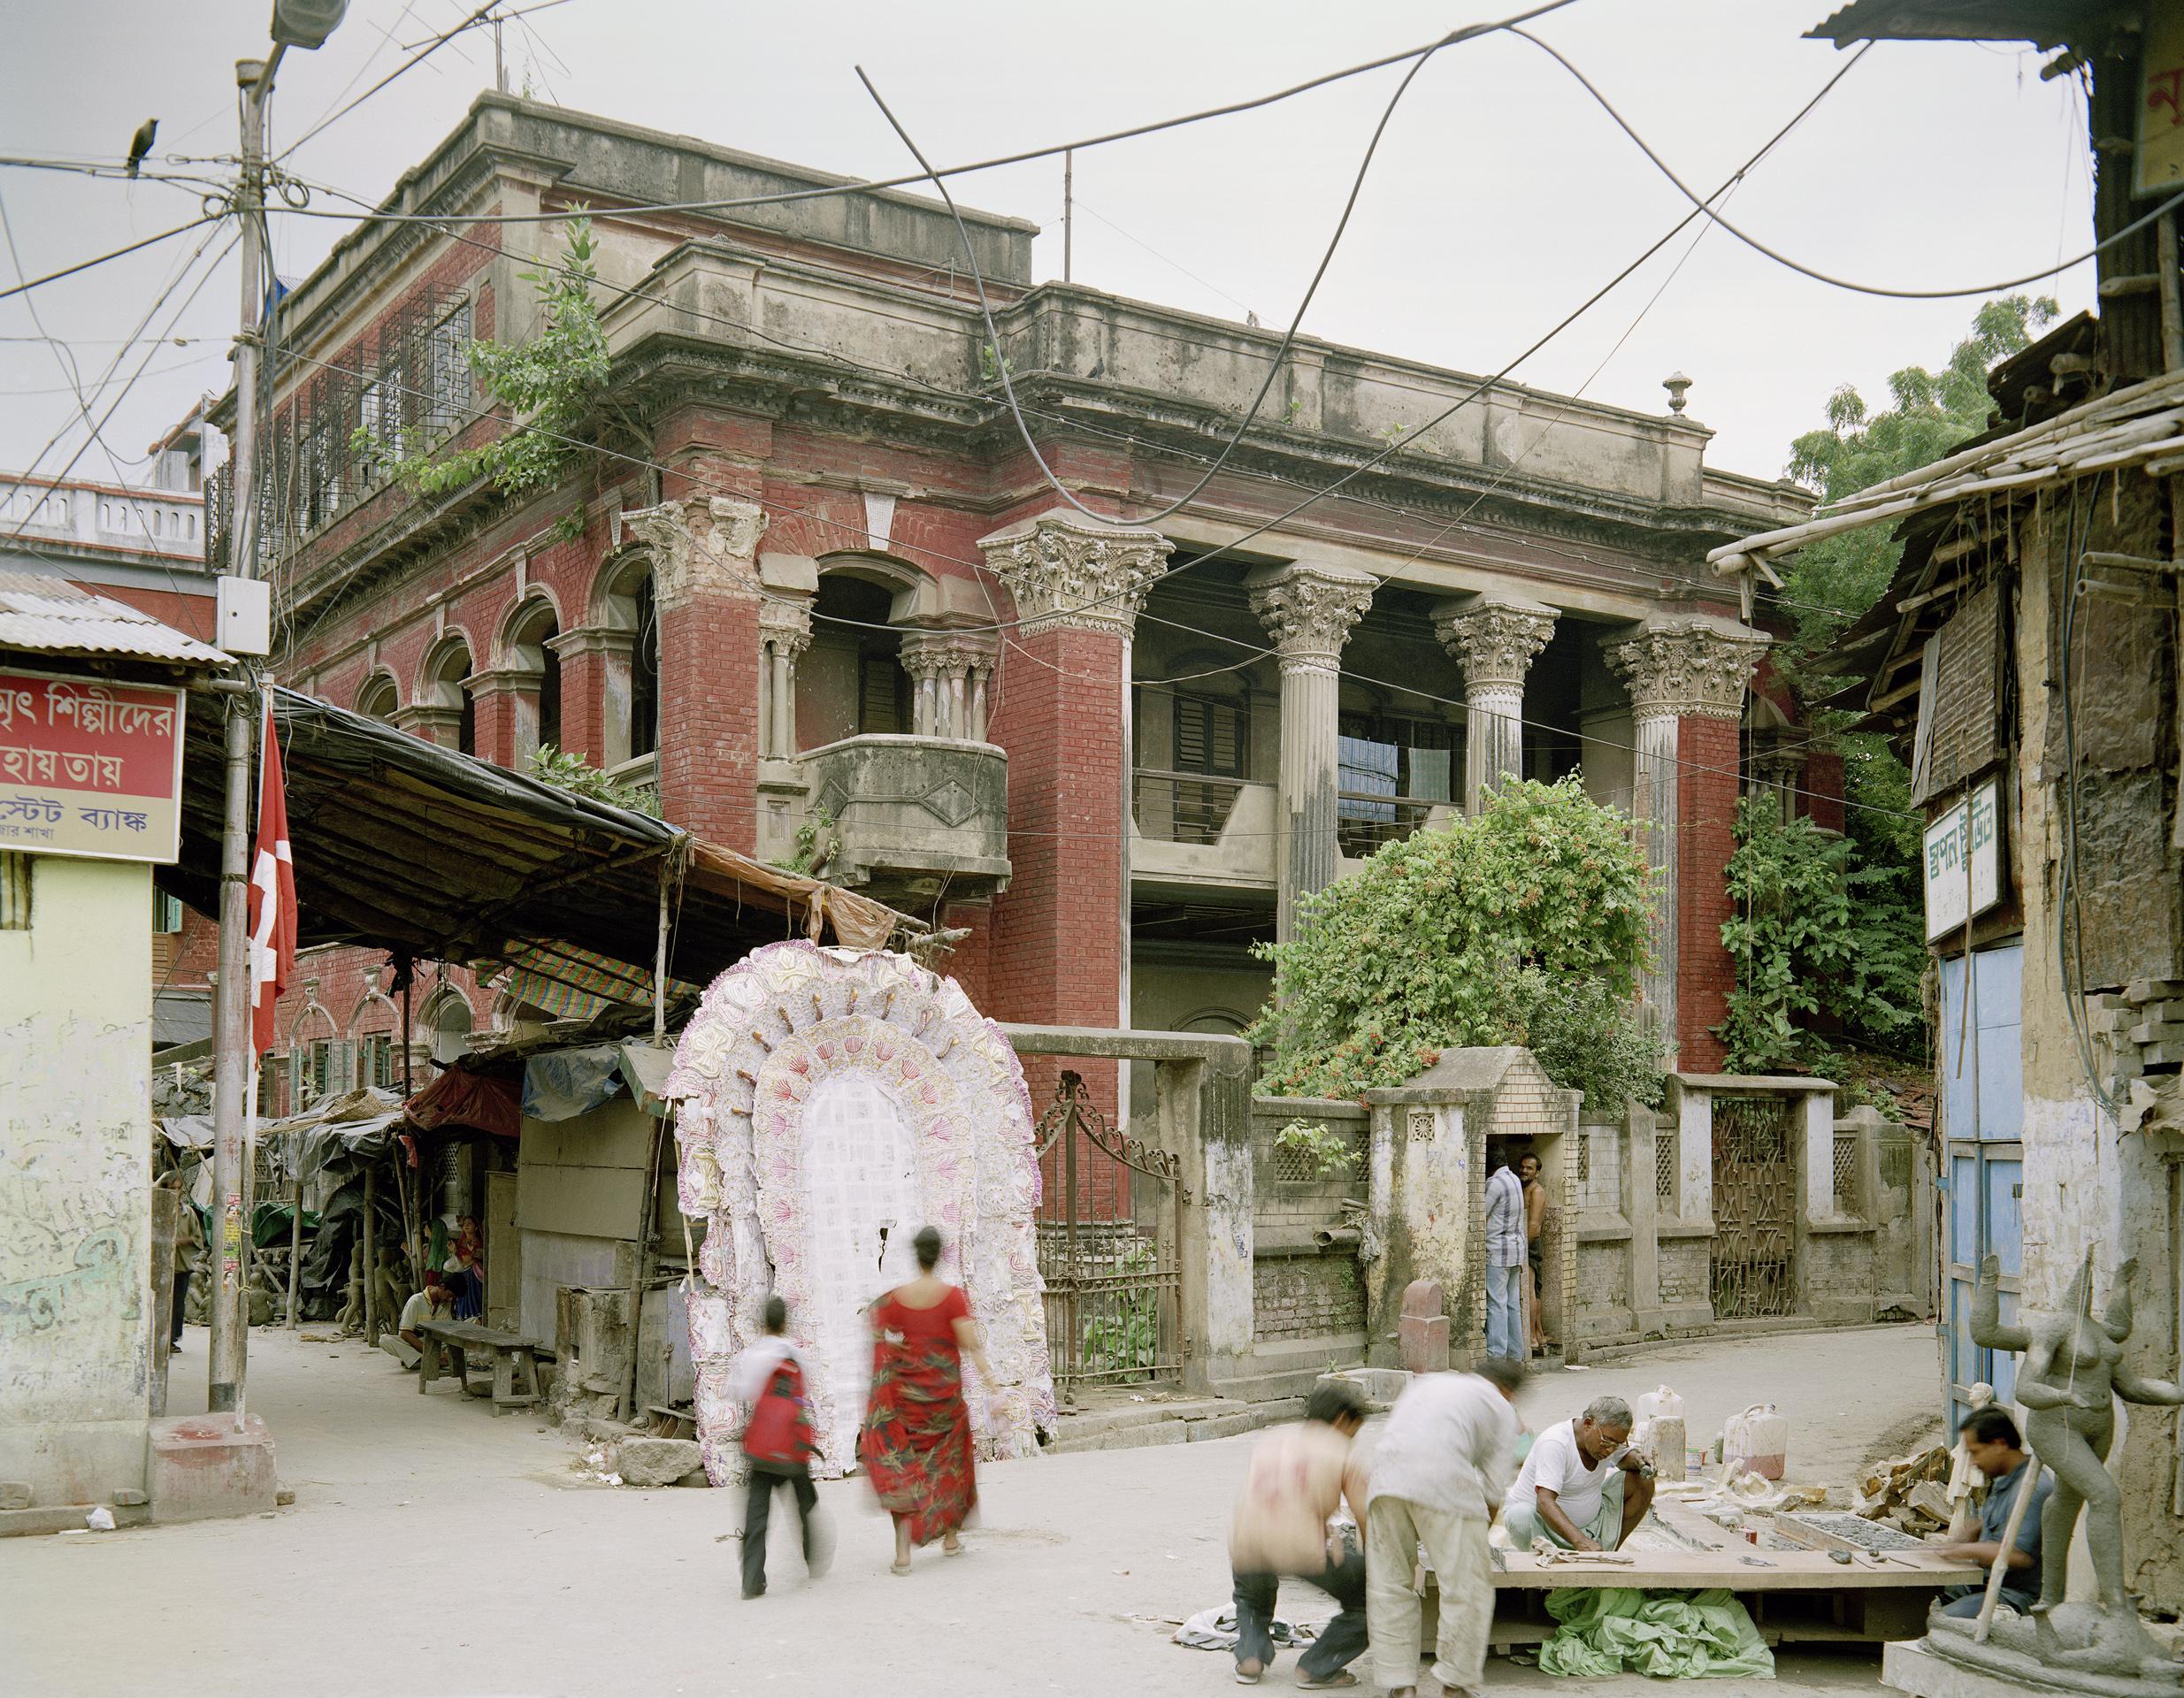 7_Kolkata.jpg